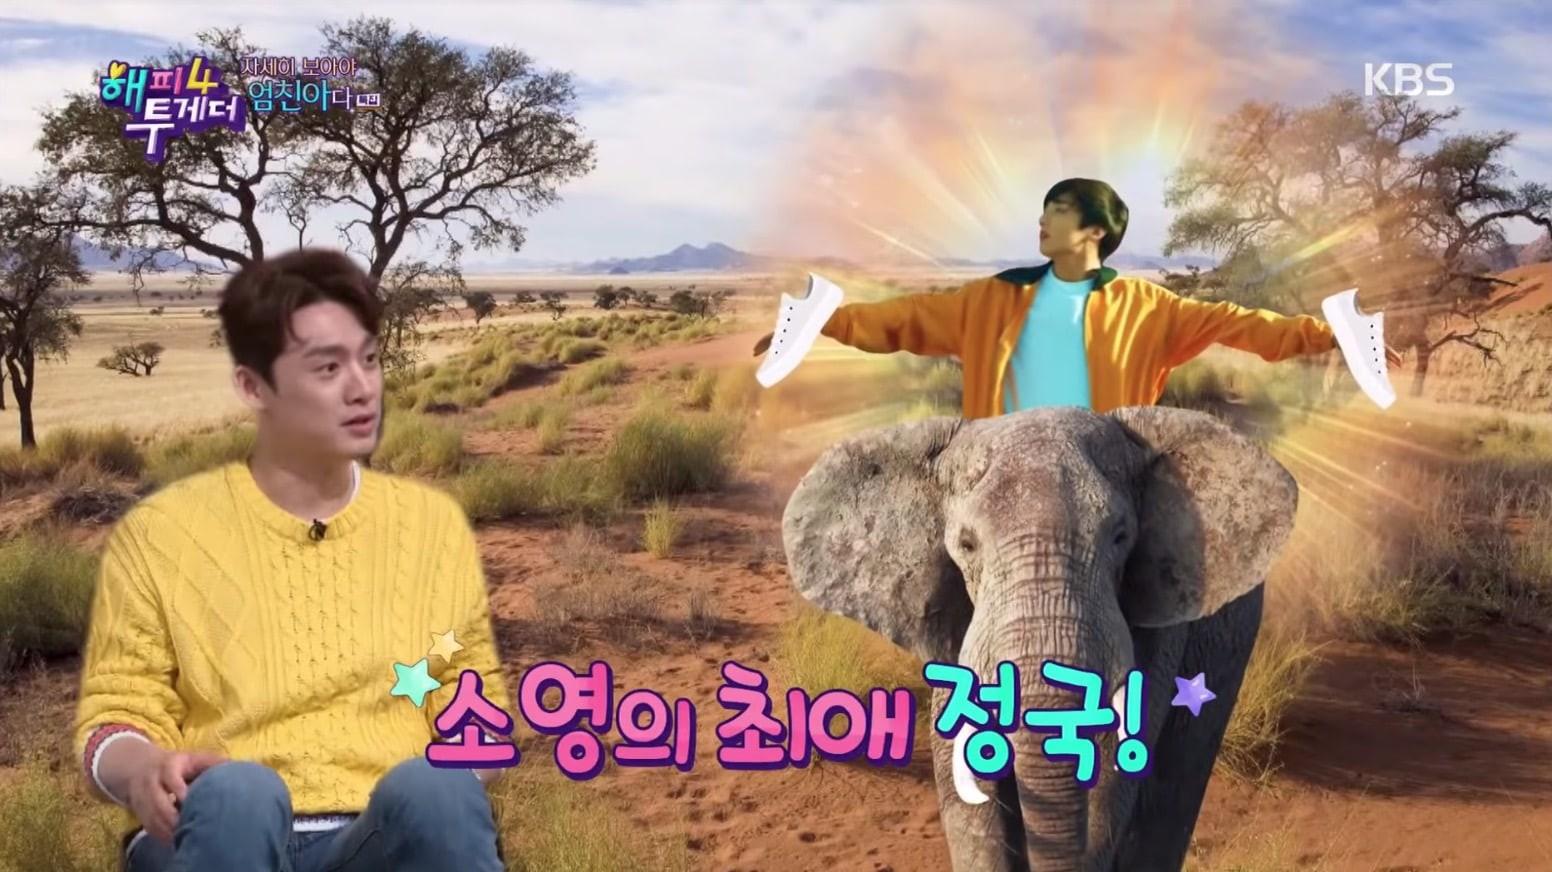 Cuồng Jungkook như bà xã nam diễn viên Vì sao đưa anh tới: Mang thai cũng nằm mơ thấy em út nhà BTS - Hình 3